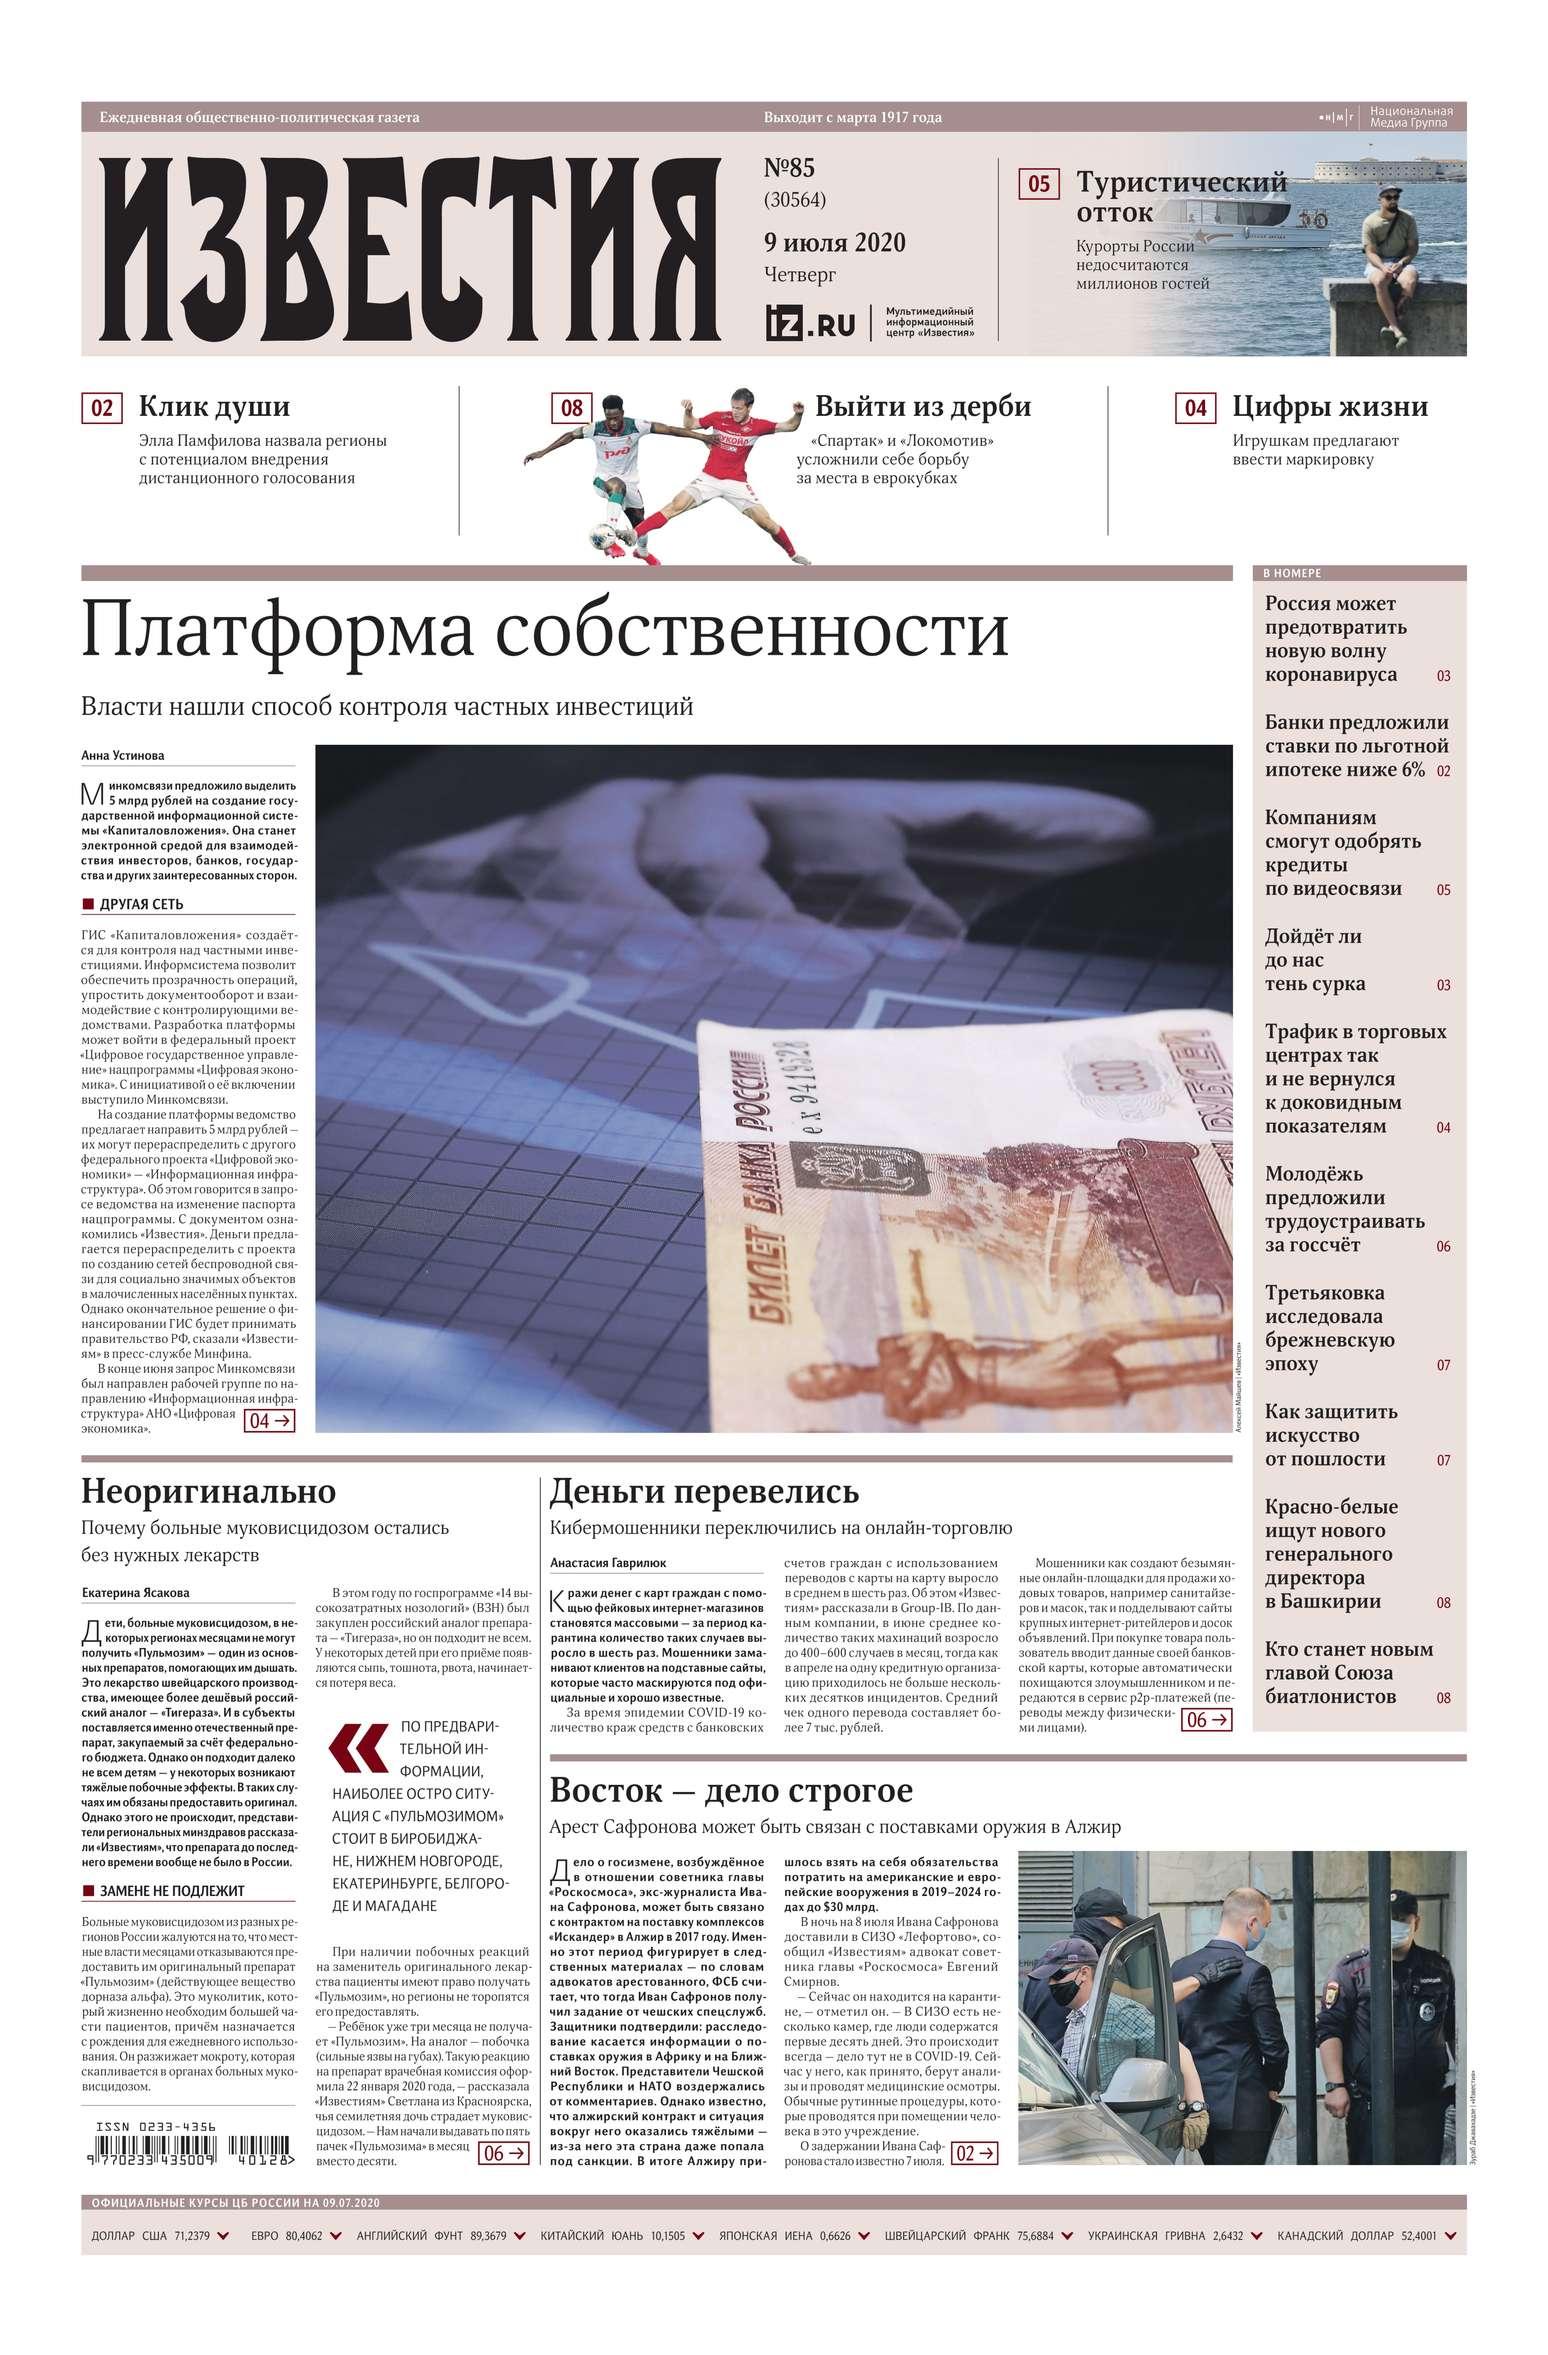 Известия 85-2020